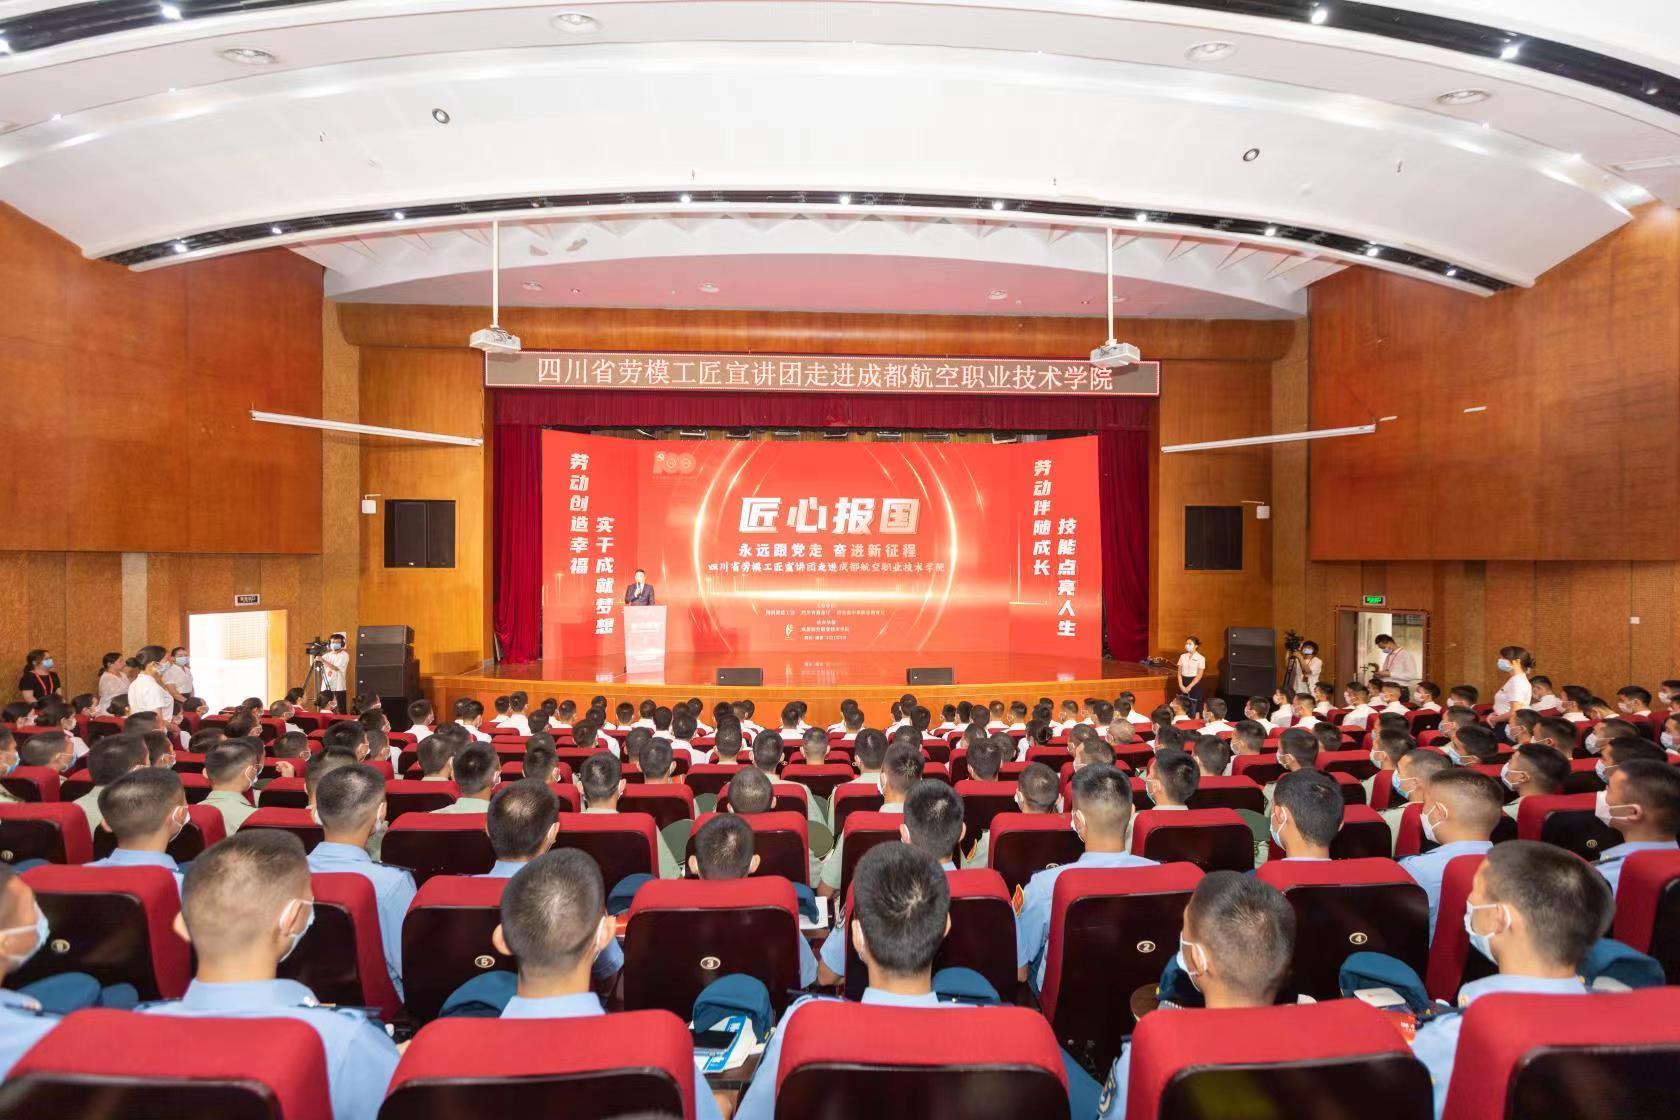 四川省劳模工匠宣讲团主题宣讲活动走进成都航空职业技术学院!''